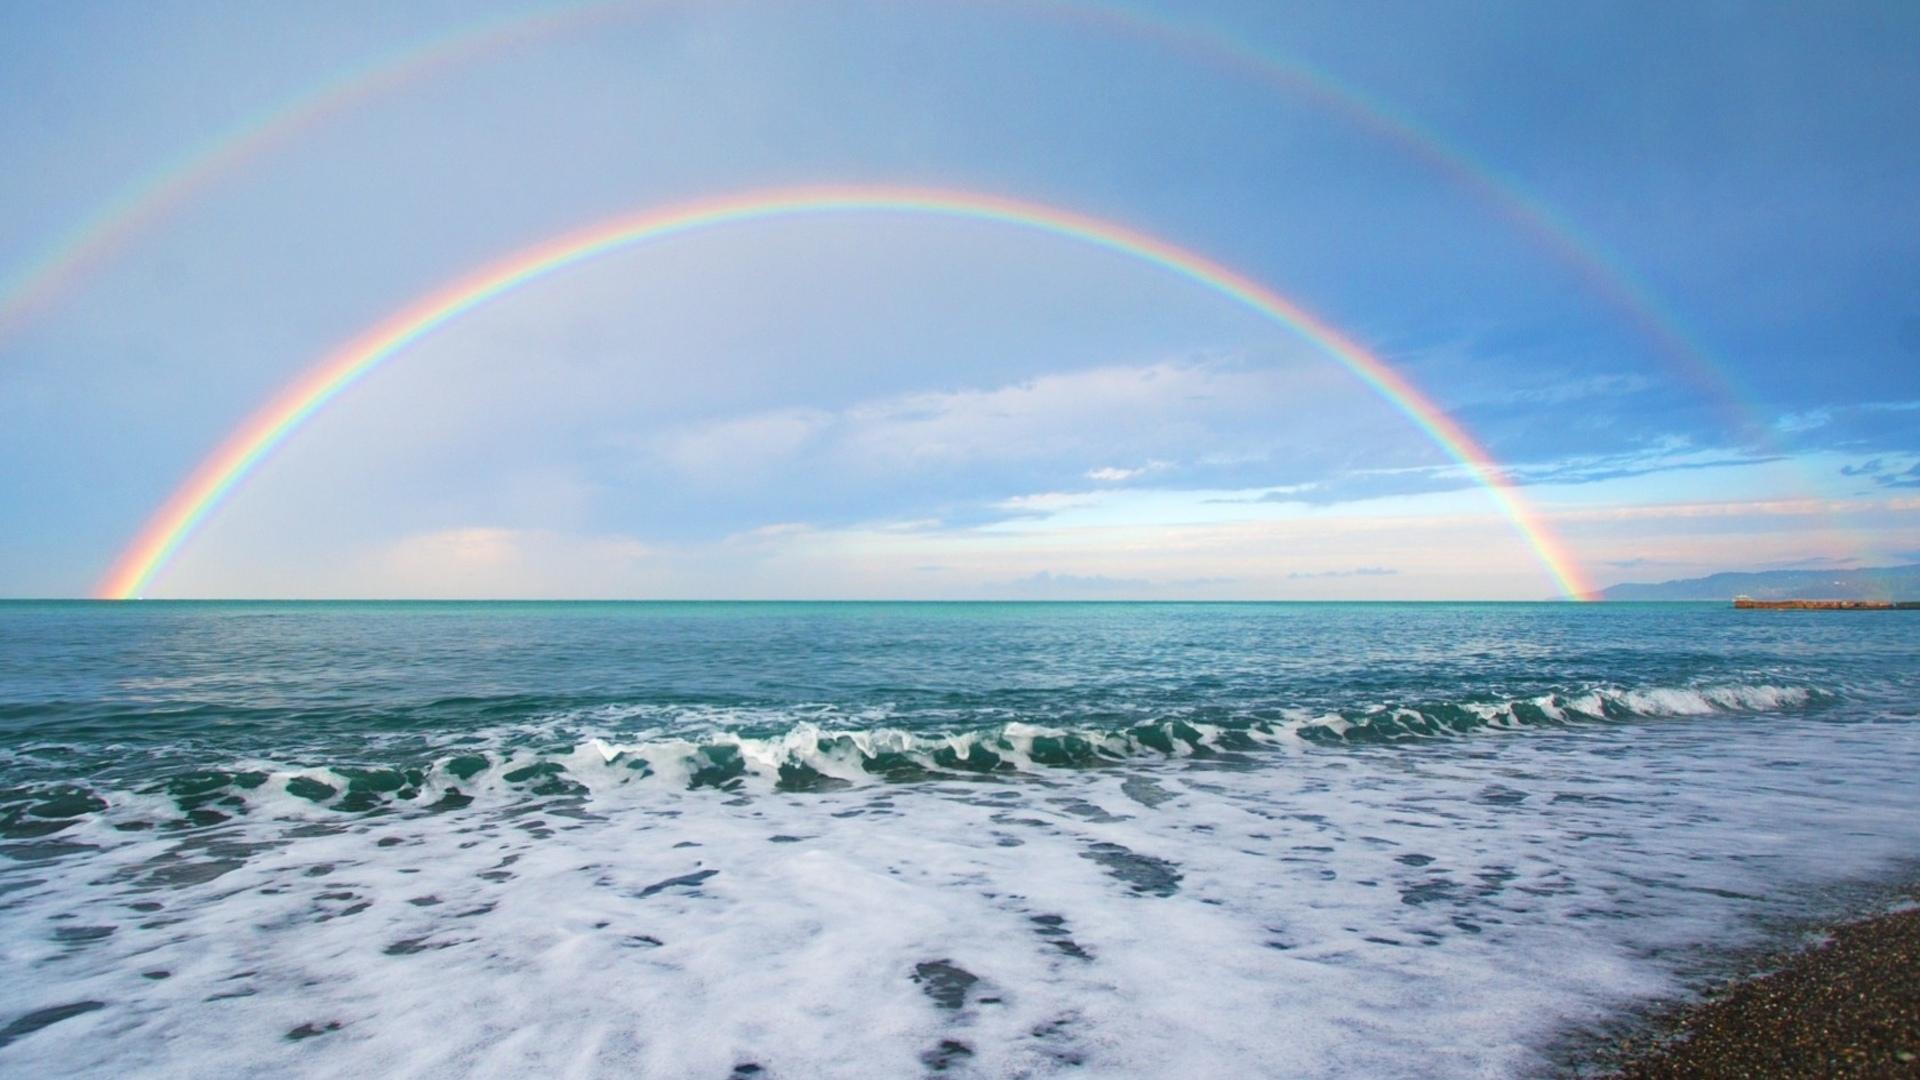 20709 скачать обои Пейзаж, Небо, Море, Радуга - заставки и картинки бесплатно